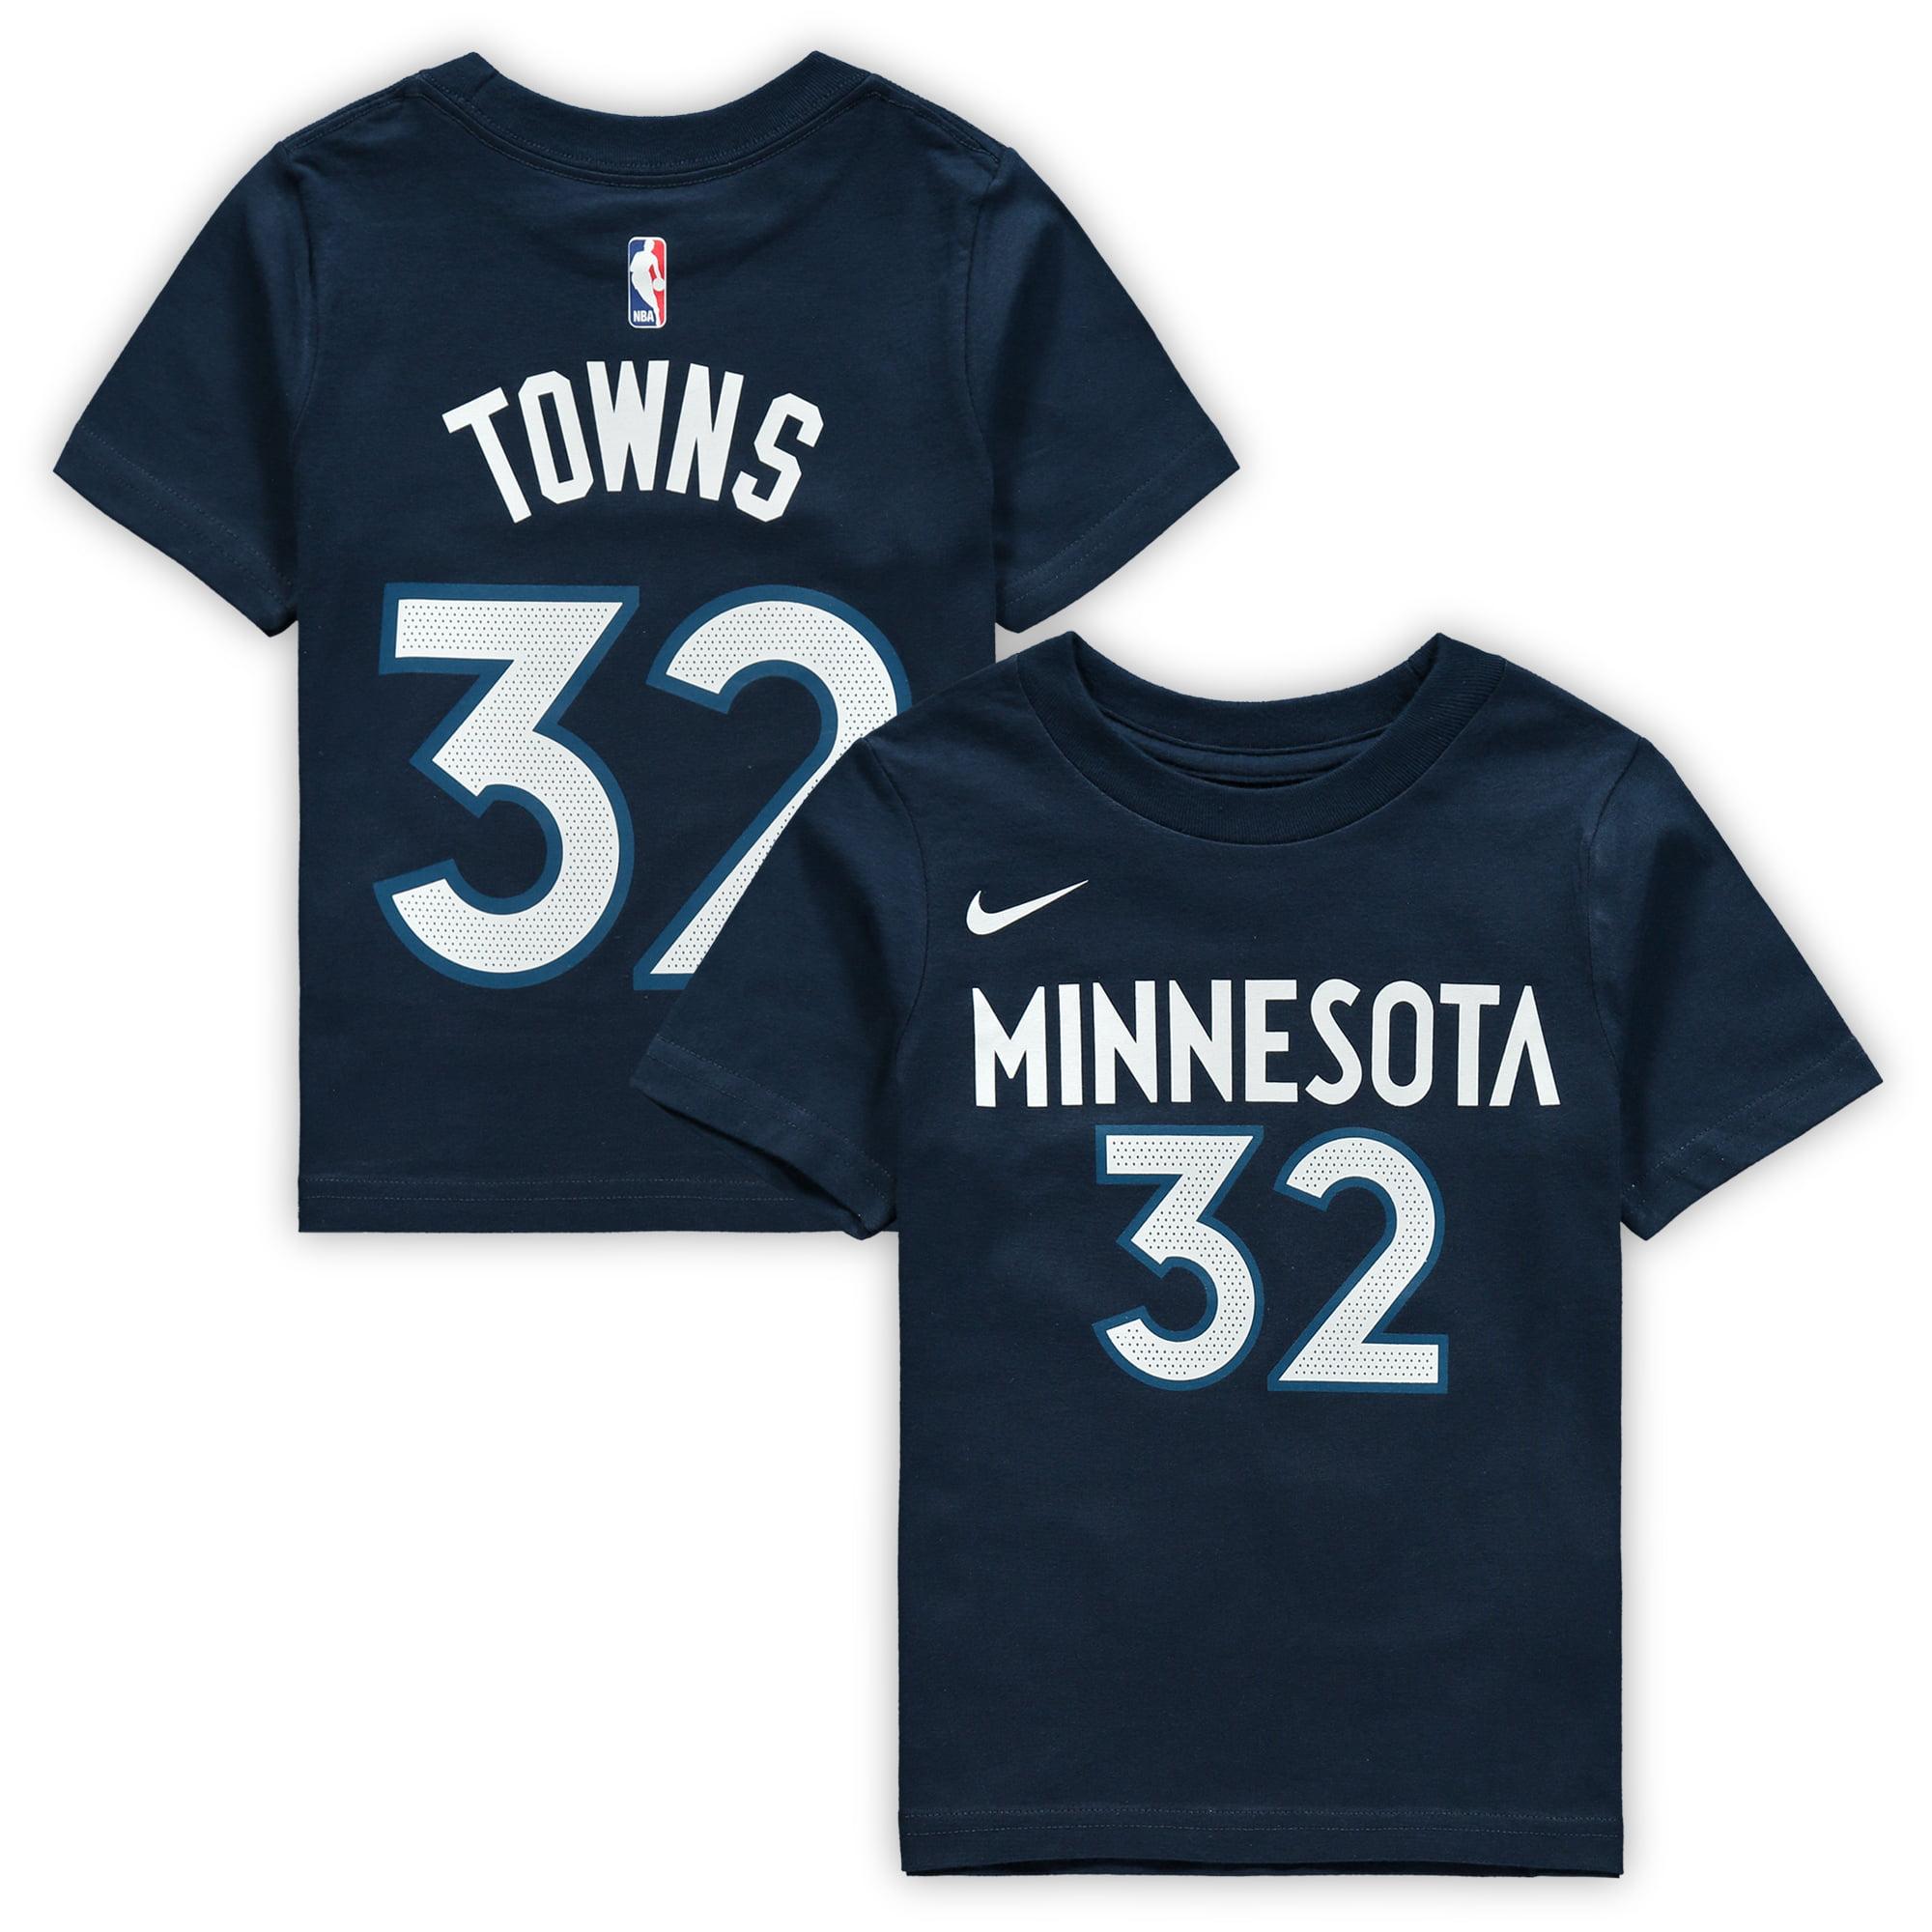 Karl-Anthony Towns Minnesota Timberwolves Nike Toddler Name & Number T-Shirt - Navy